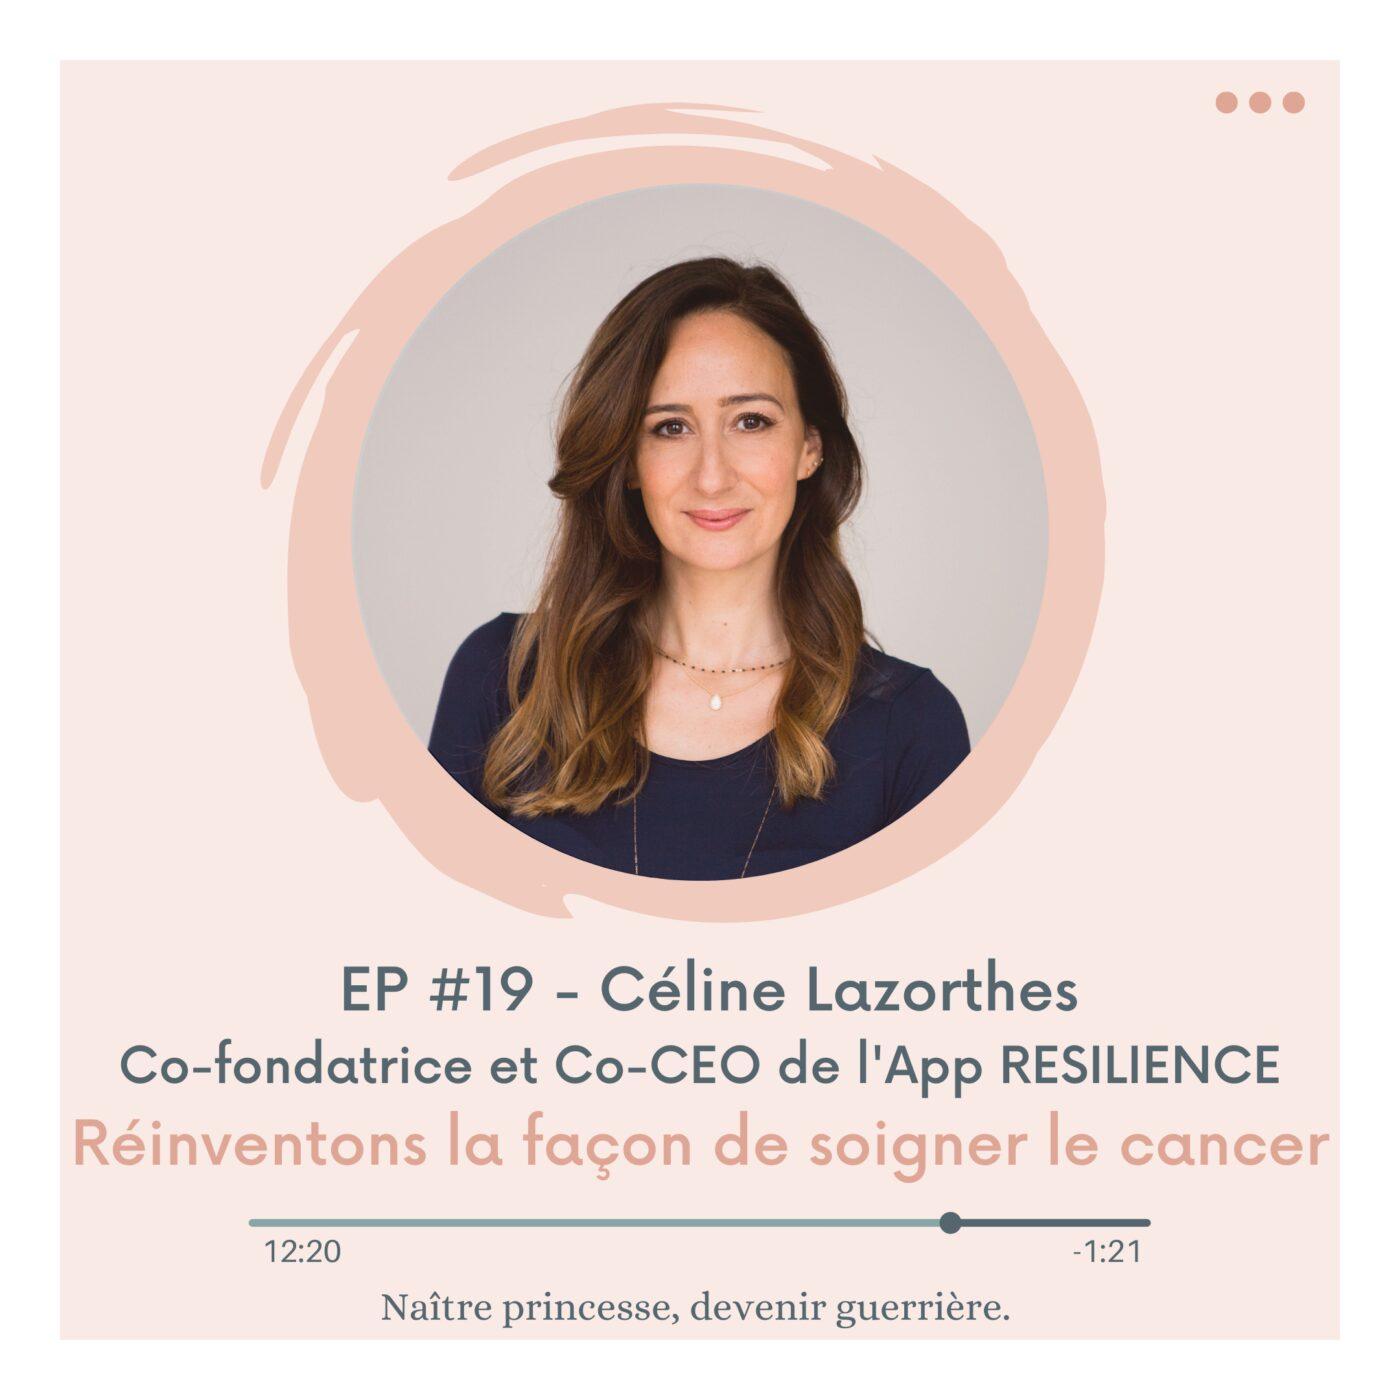 EP#19 - RÉINVENTONS LA FAÇON DE SOIGNER LE CANCER. Céline Lazorthes, Co-fondatrice et Co-CEO de l'App Resilience